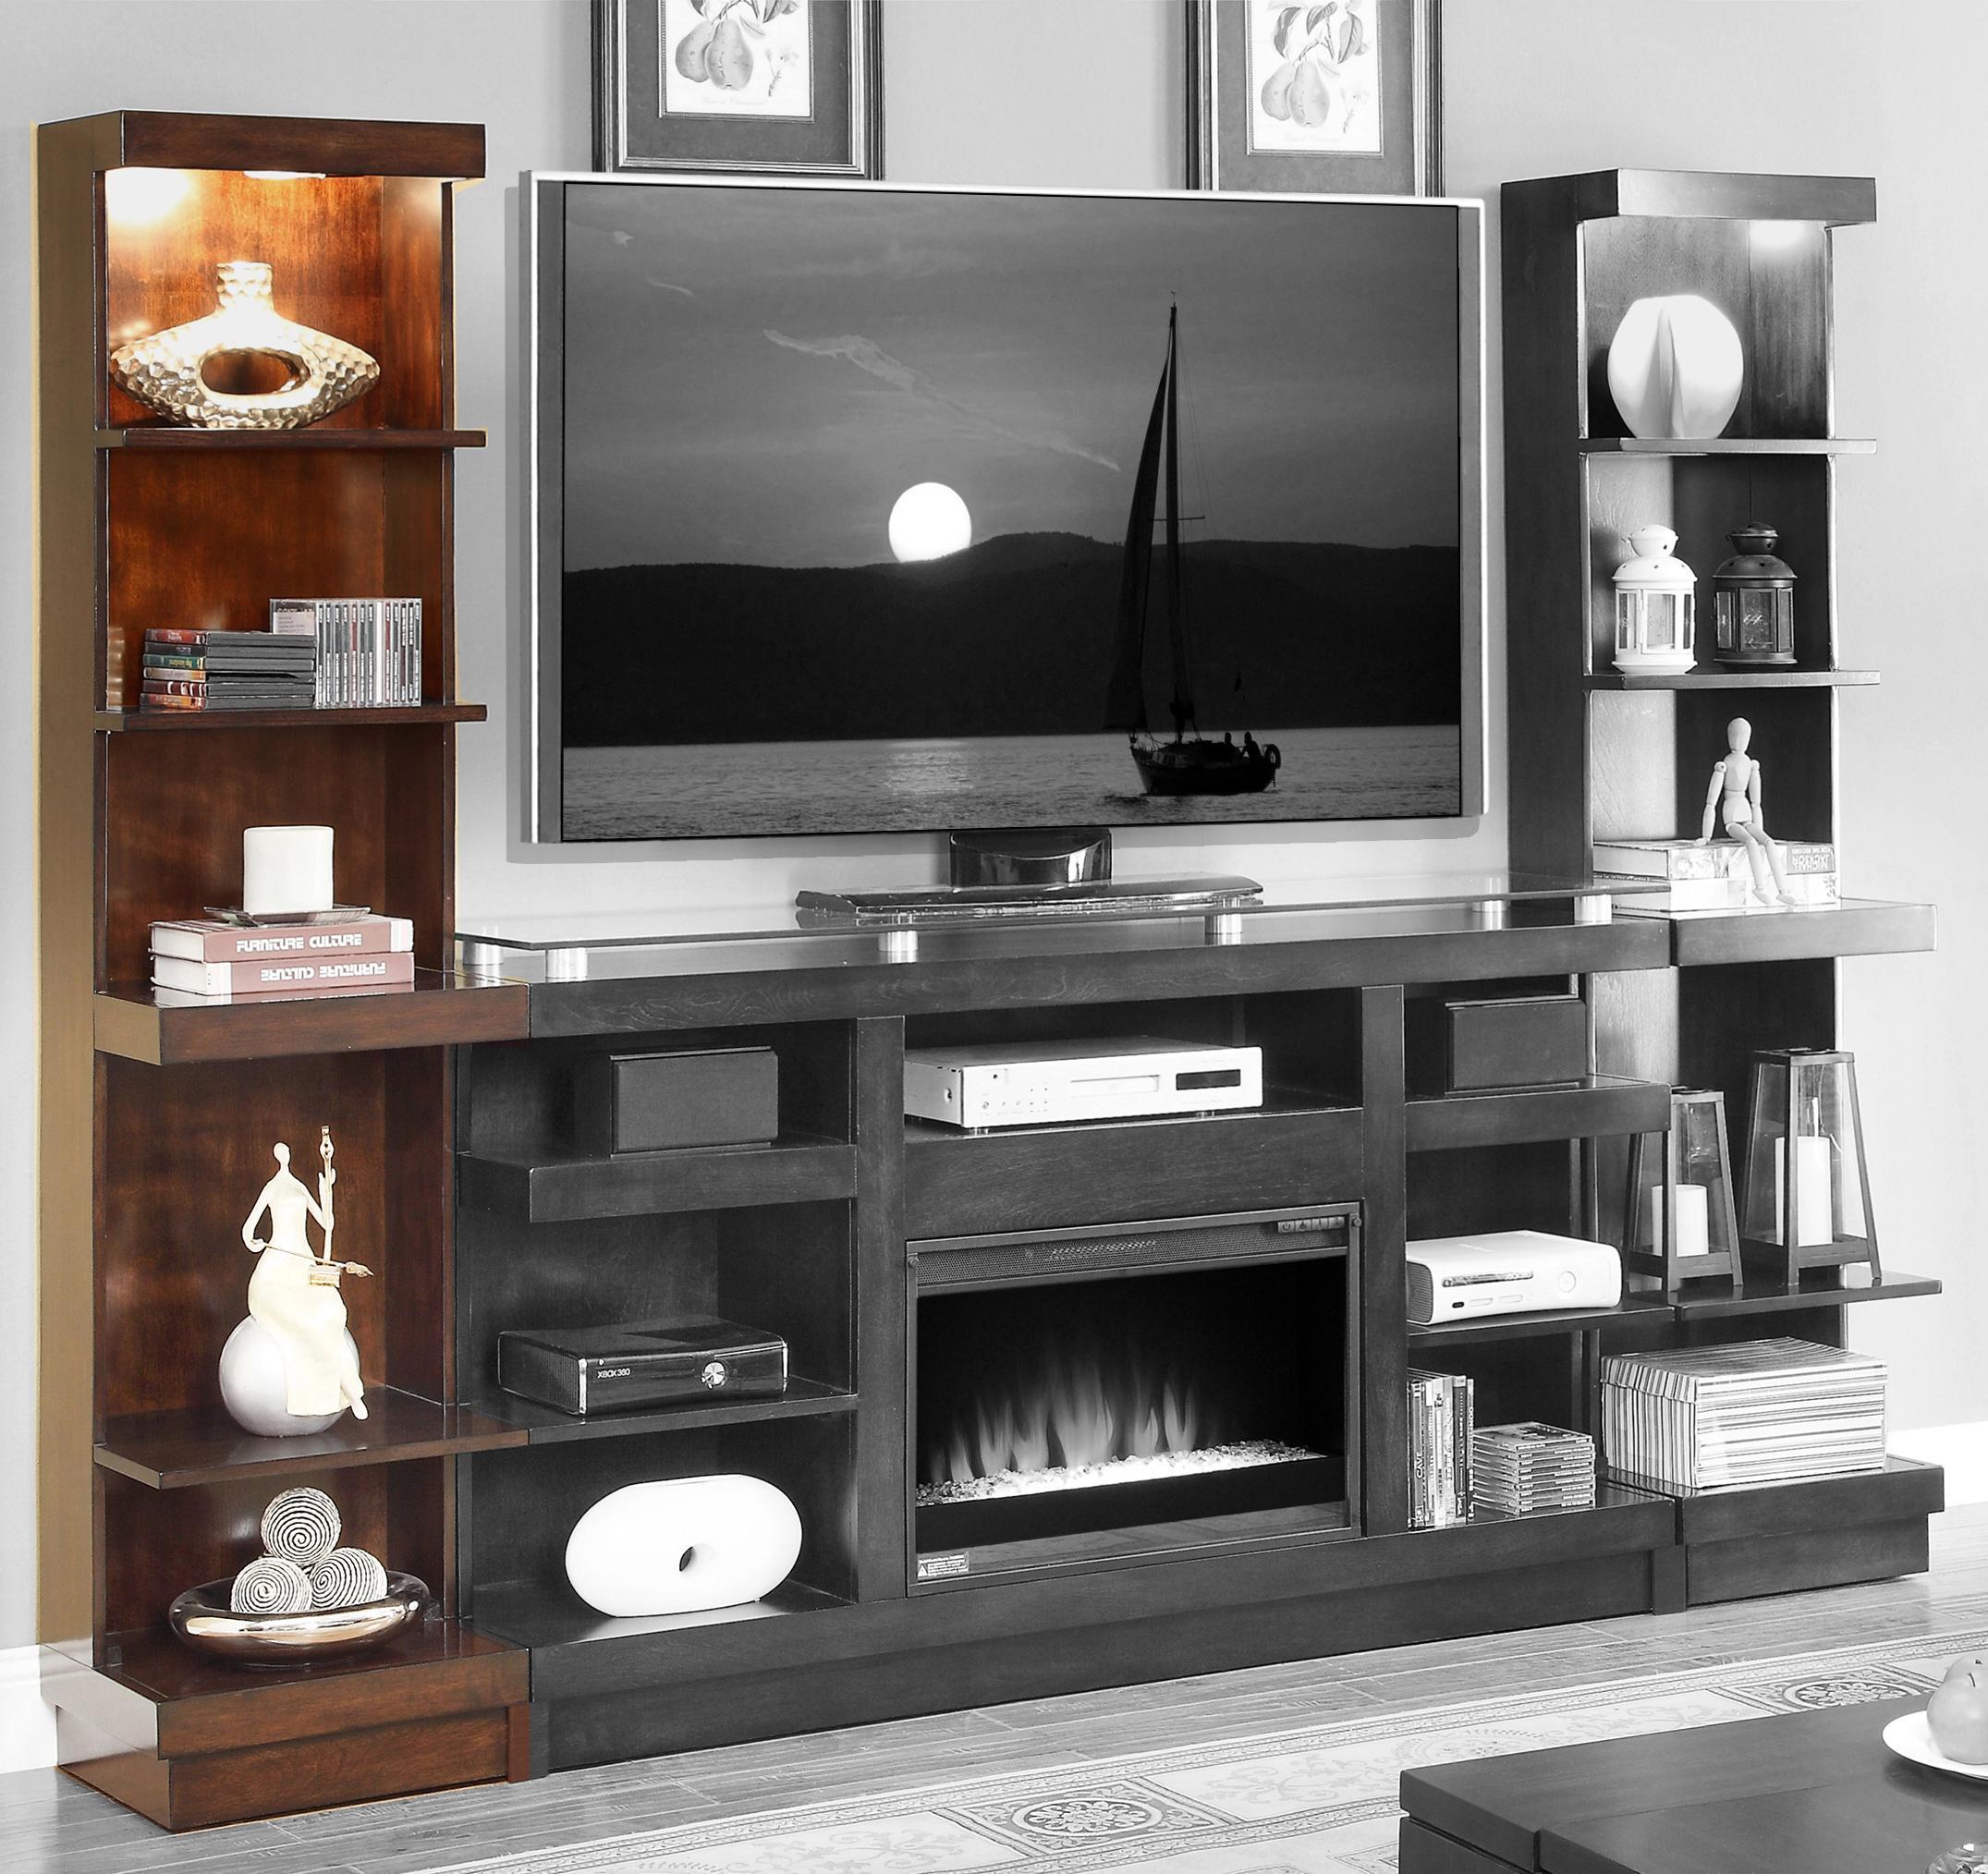 Legends Furniture Novella 2 Bookshelf Piers - Item Number: ZNOV-3000